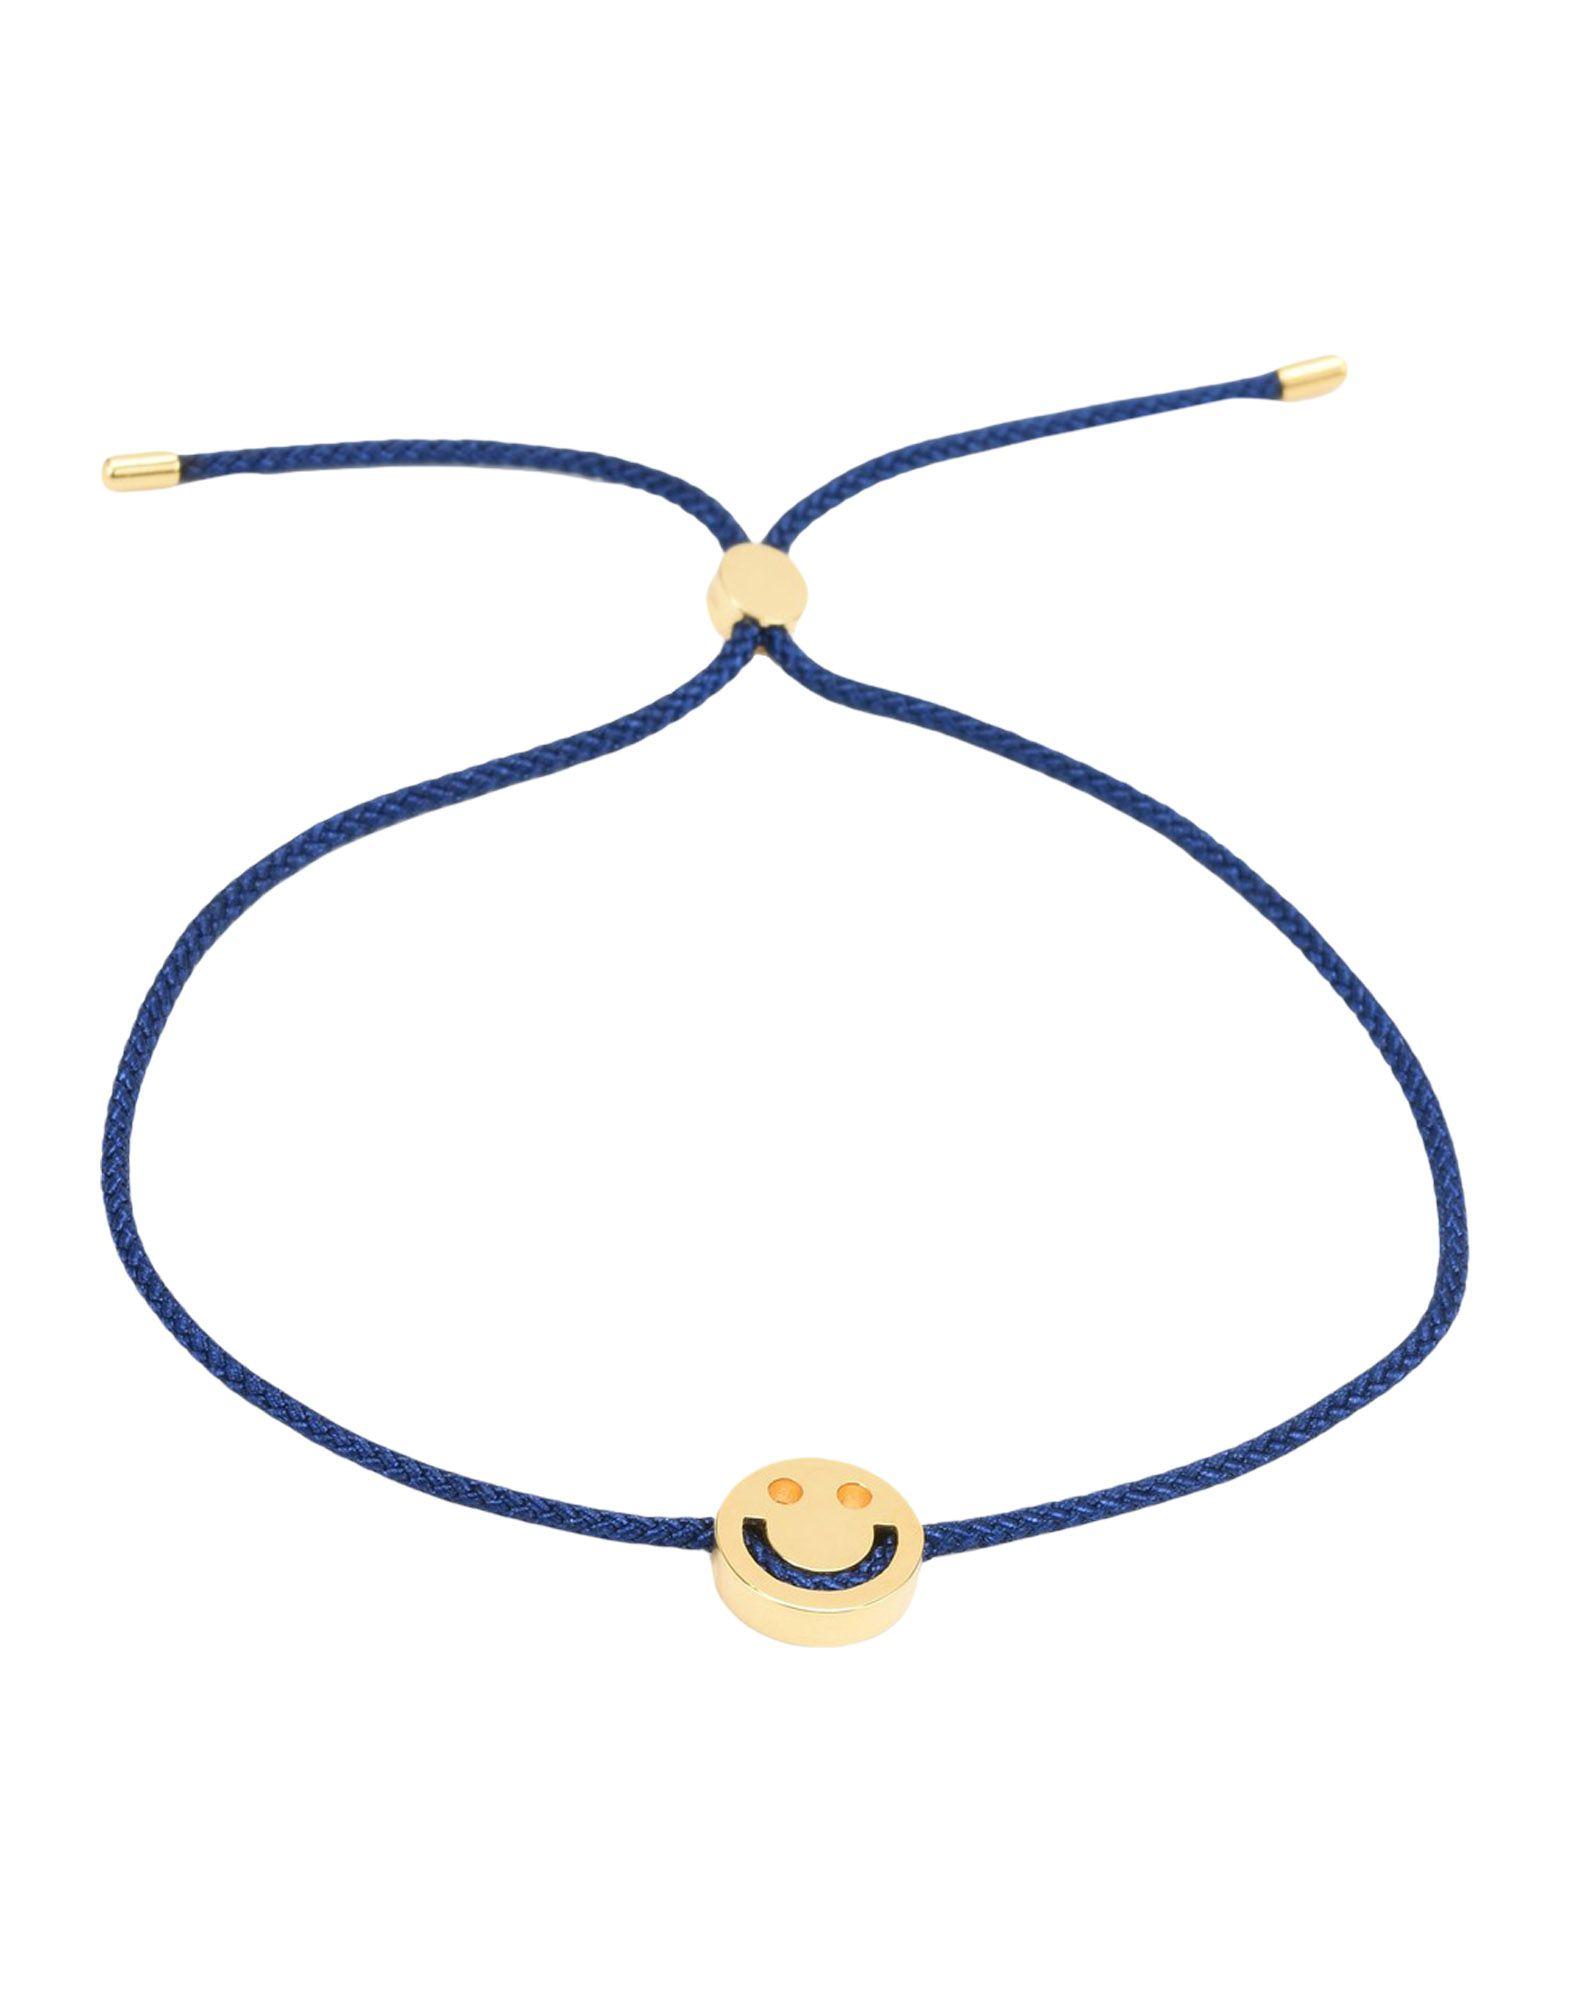 RUIFIER Bracelet in Dark Blue